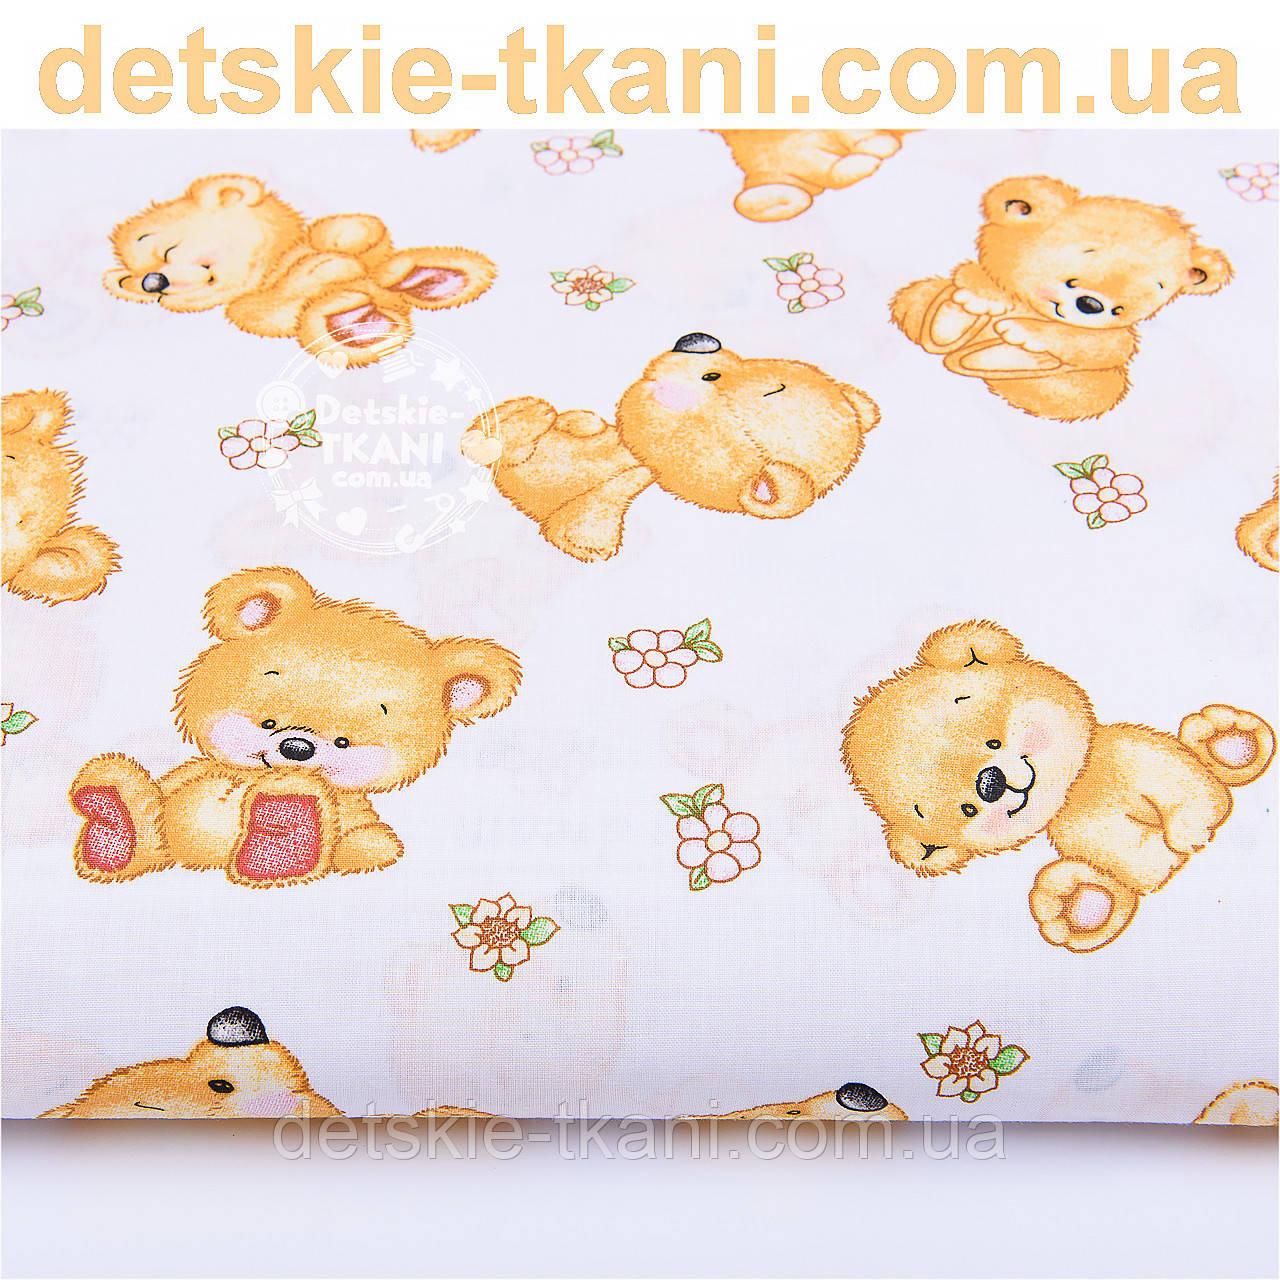 """Отрез ткани """"Оранжевые мишки-малыши"""" с цветочками, фон ткани - белый № 1145а, размер 80*160"""